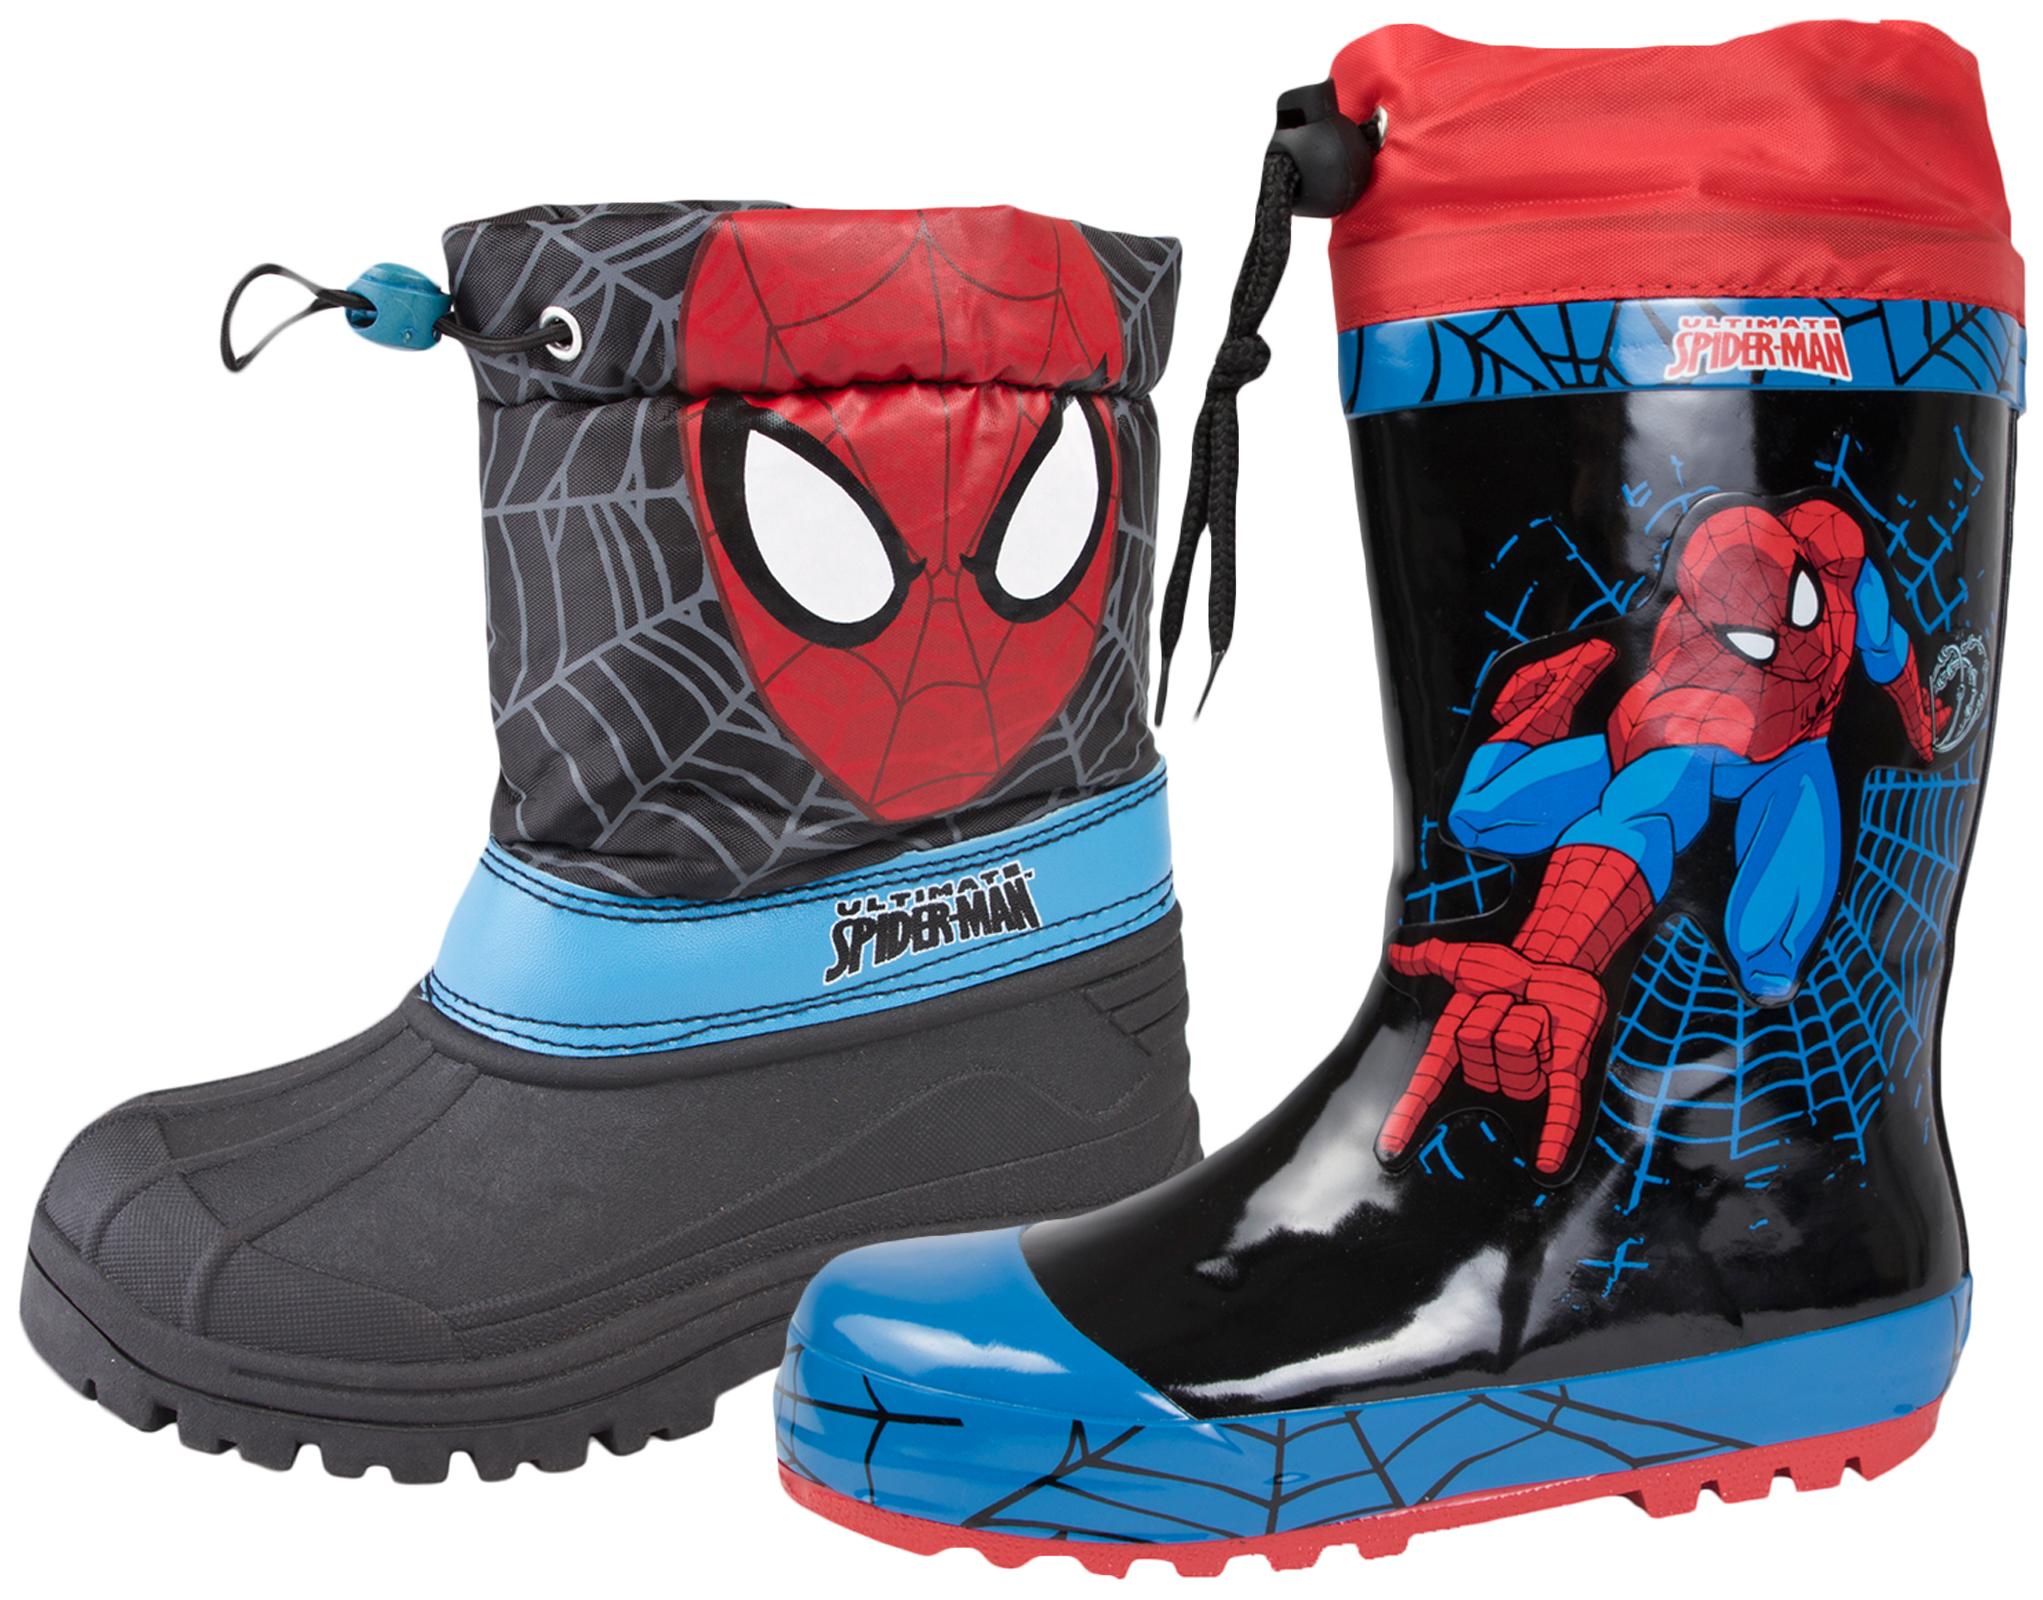 3317d6f86d0 Details about Kids Boys Spiderman Rubber Snow Boots Tie Top Wellies  Wellingtons Shoes Size